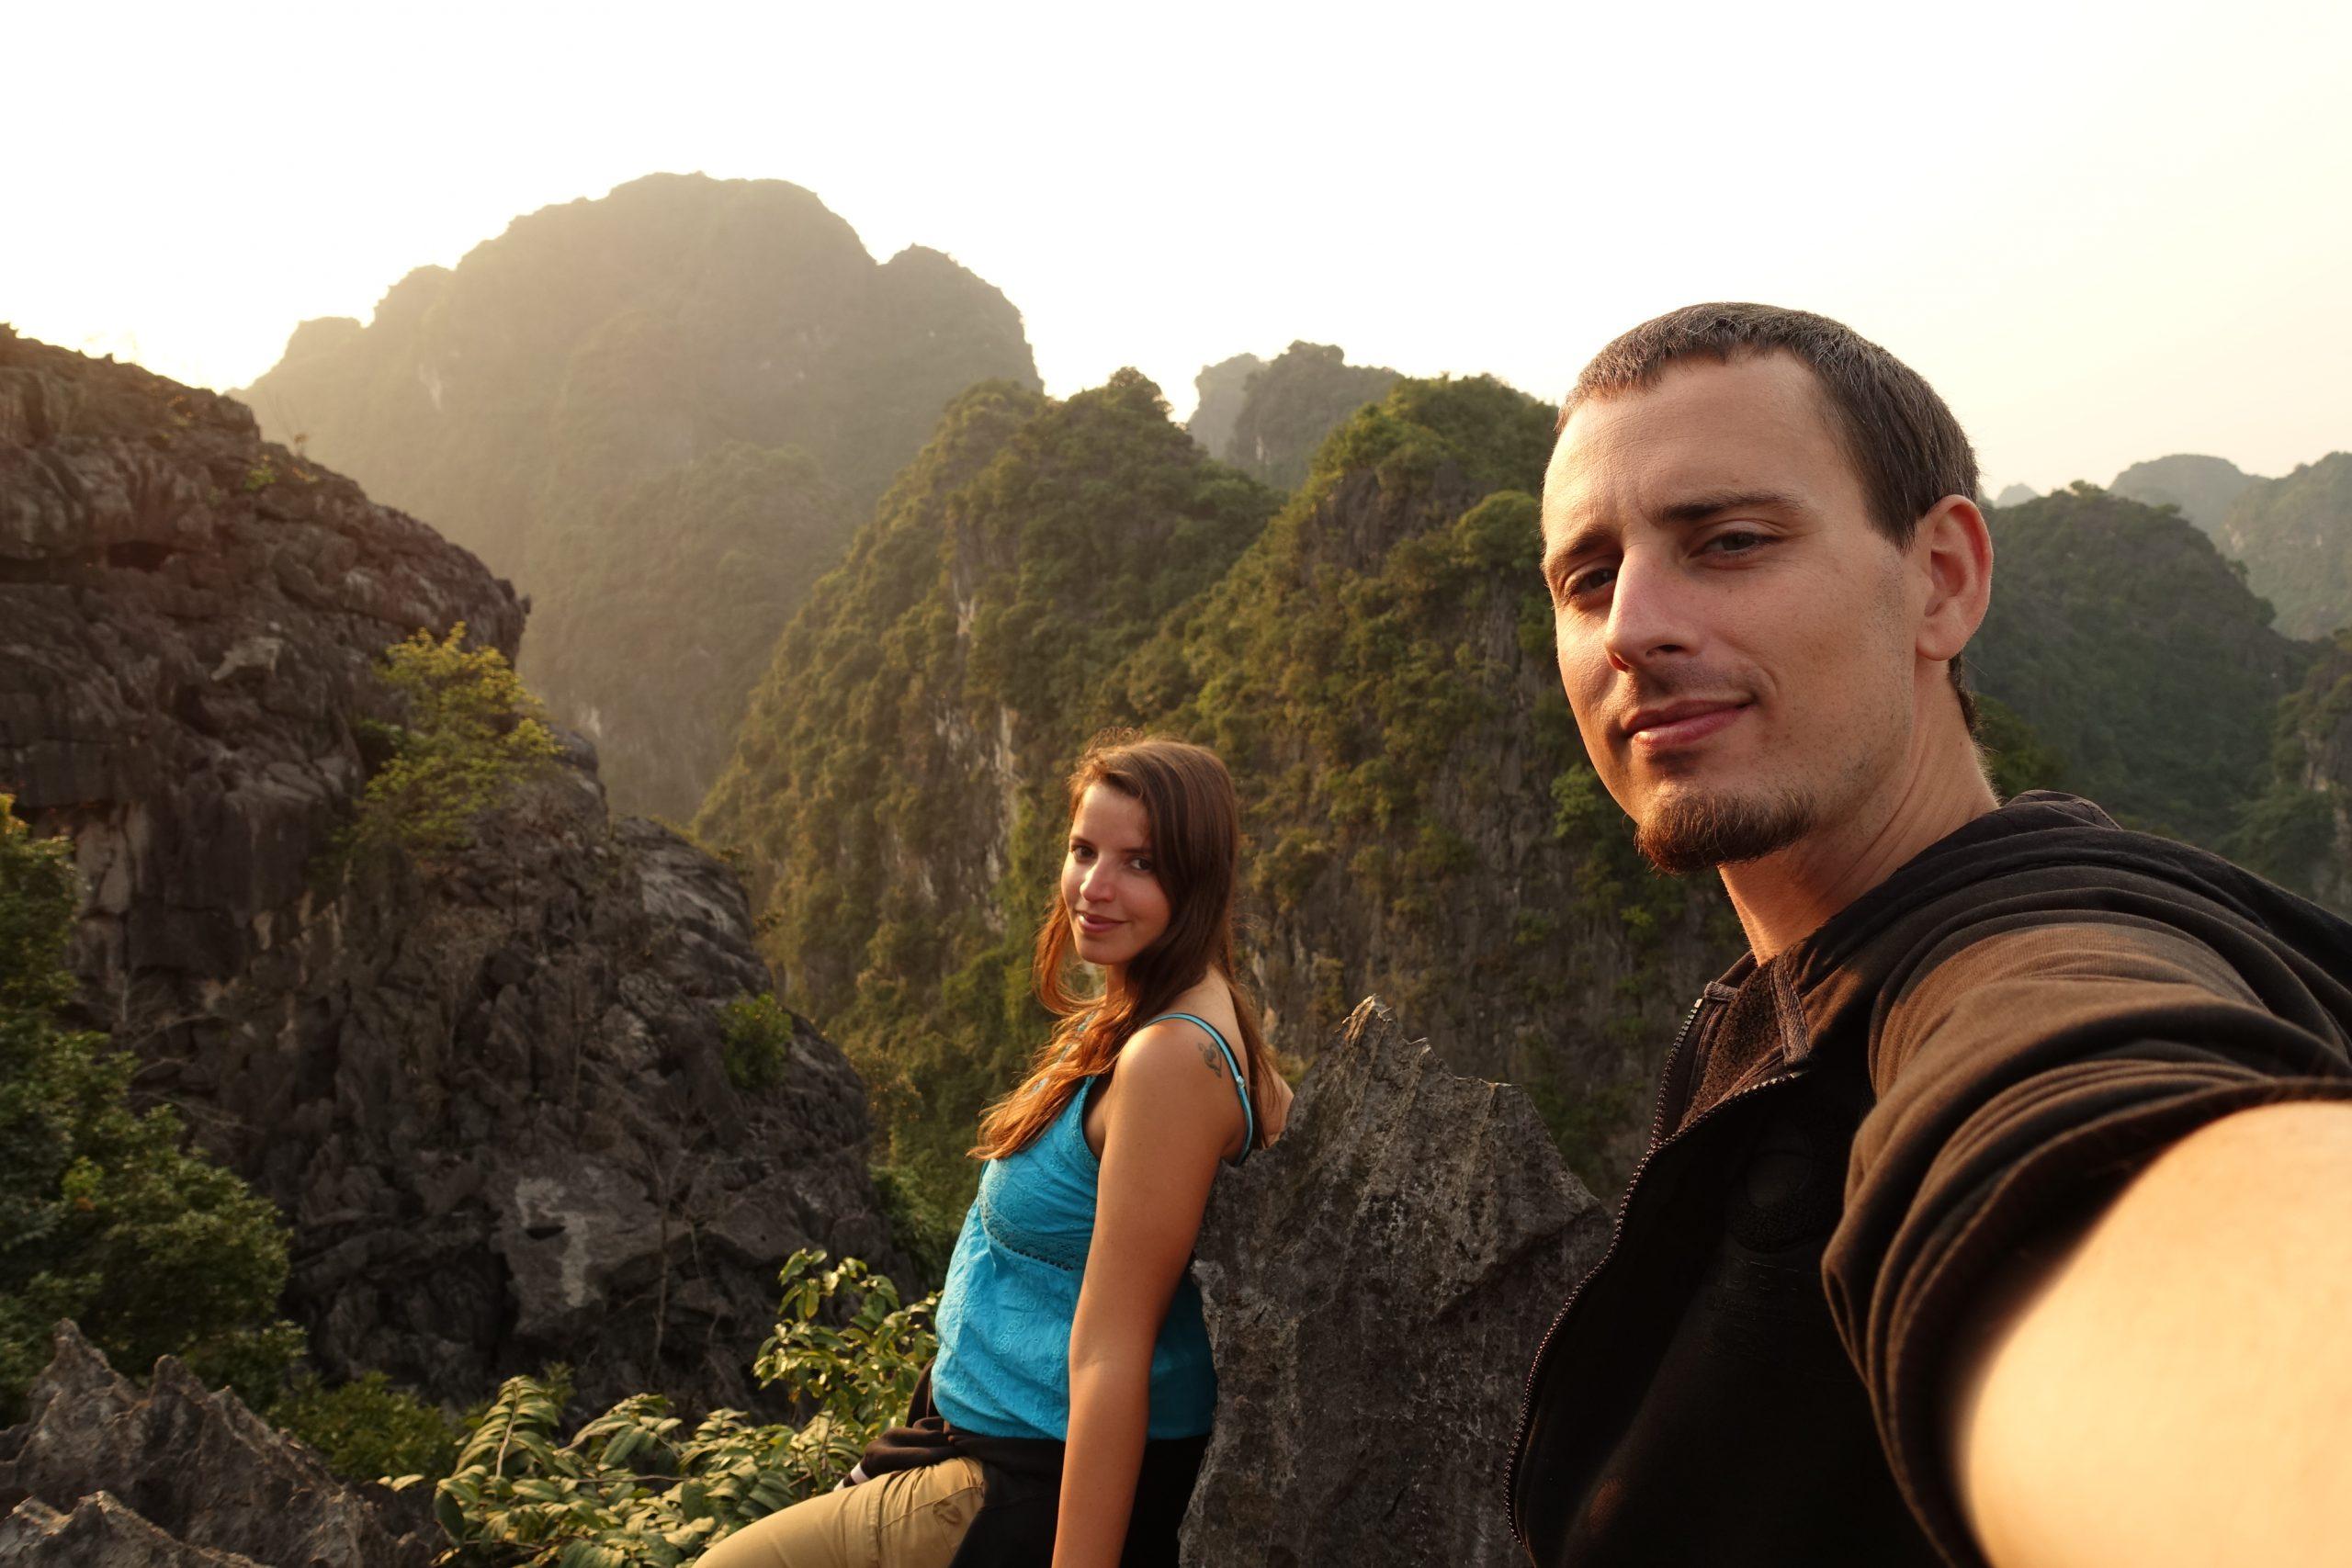 Hola, somos Rocio y Juan de Párate a Vivir